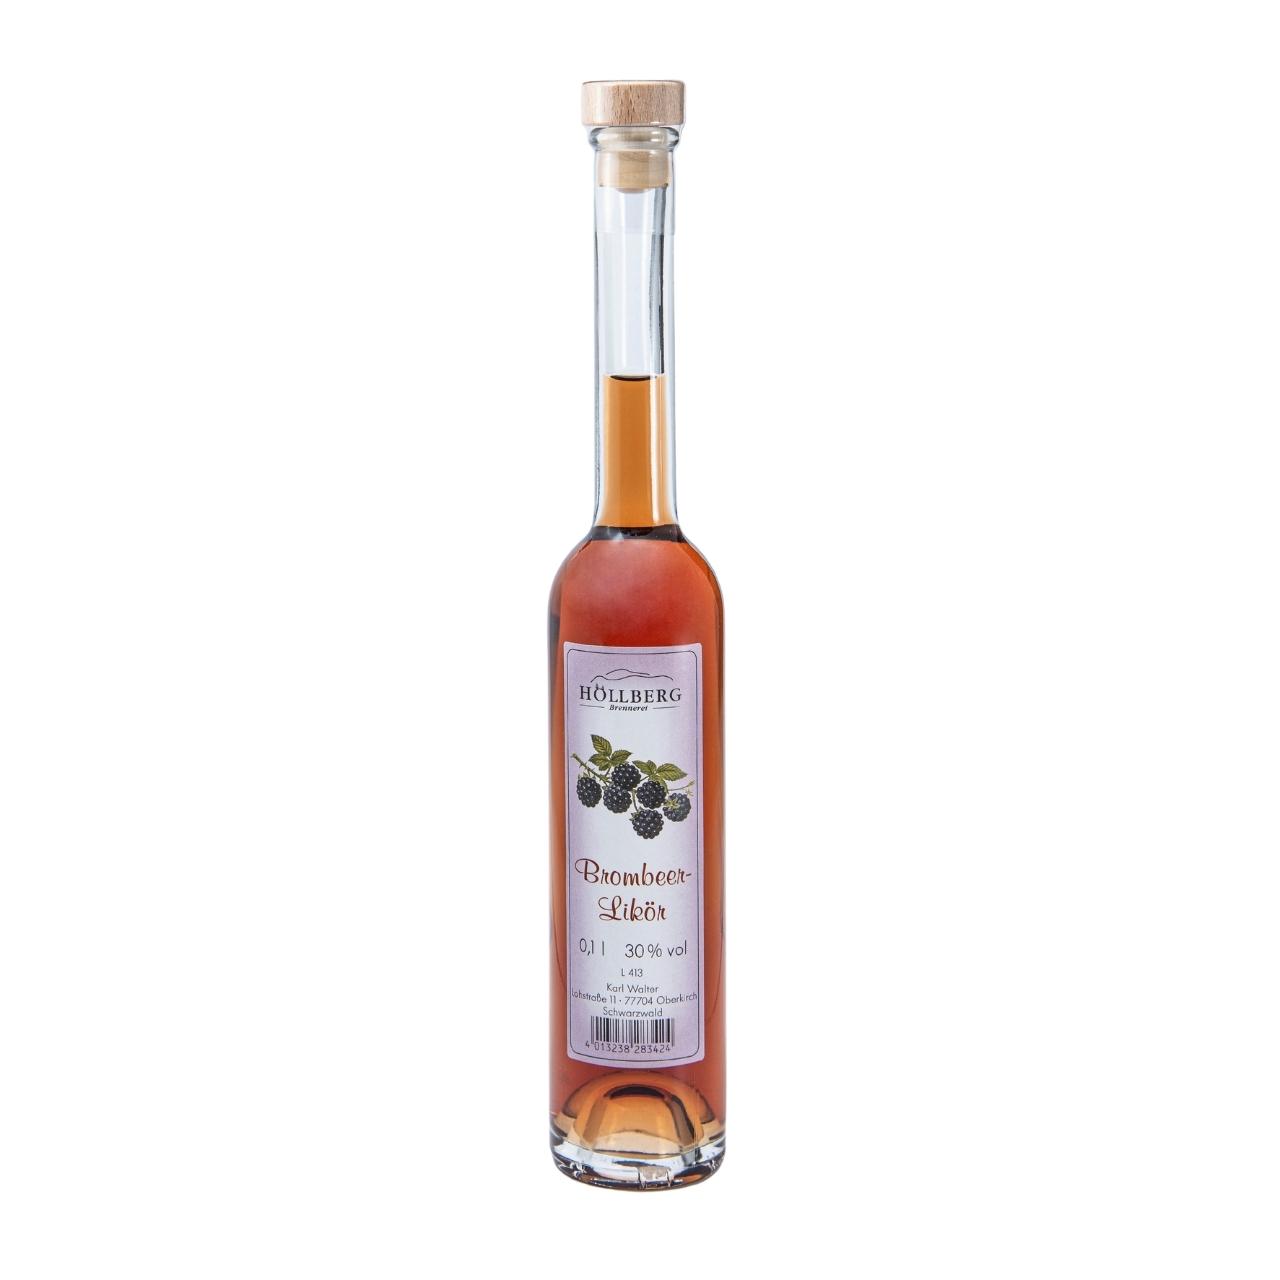 0,1 Liter Platinflasche Höllberg Brombeerlikör